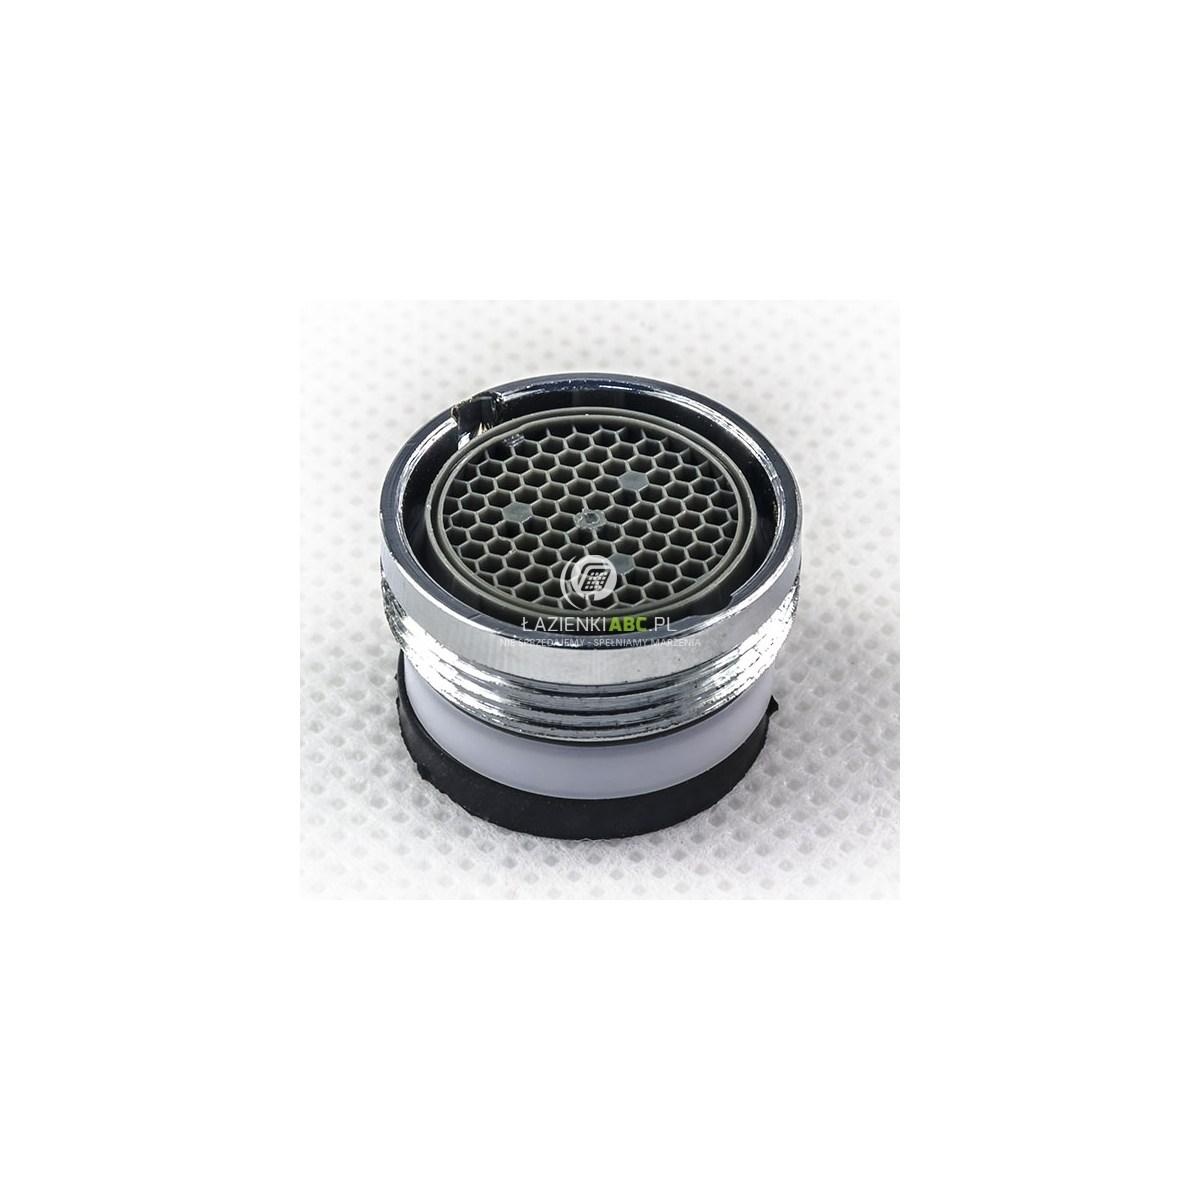 acquastilla 101227/Luftsprudler M24//1/Perlator LL